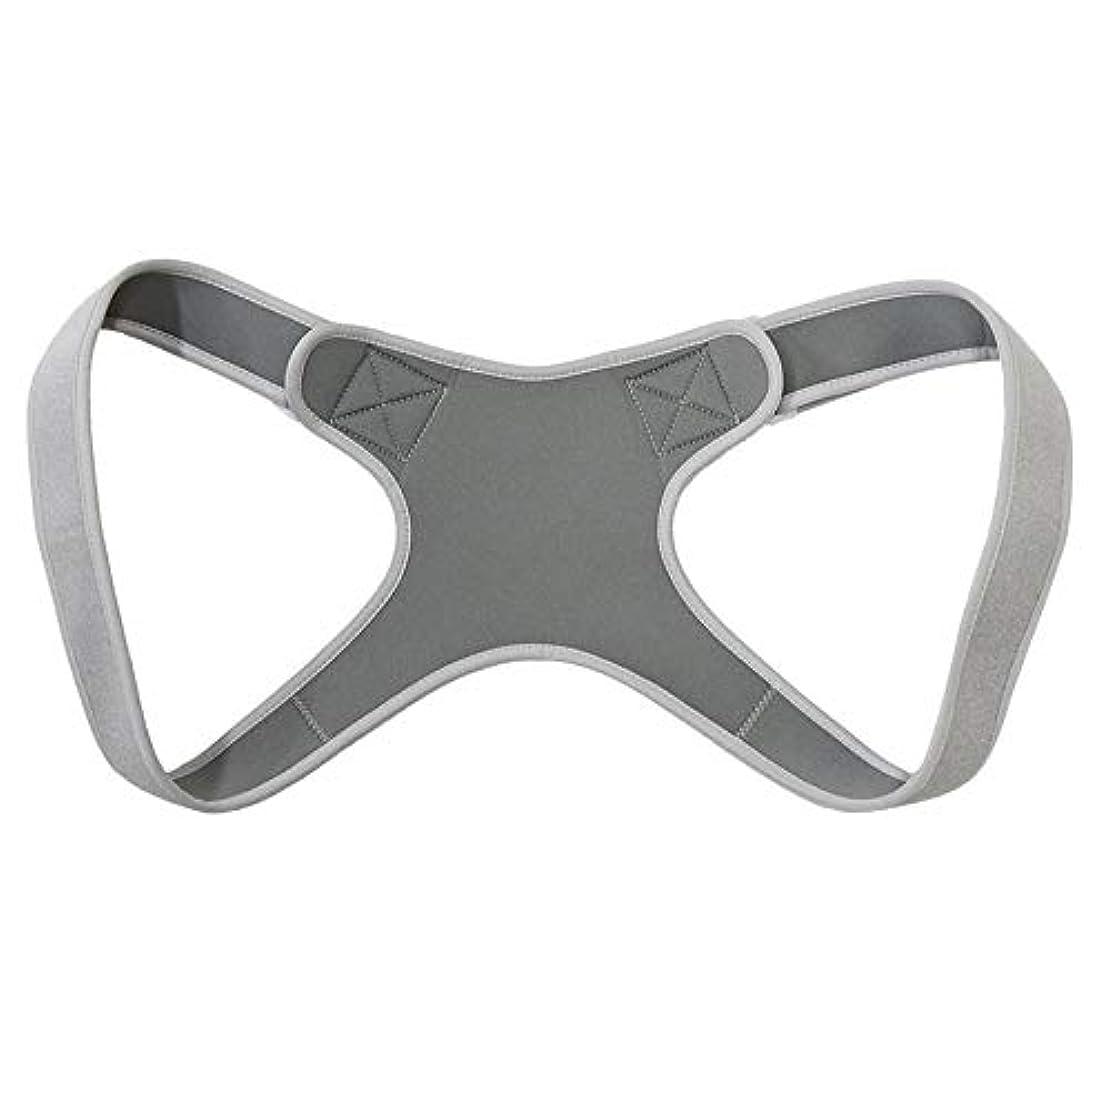 影のある曇った可能にする新しいアッパーバックポスチャーコレクター姿勢鎖骨サポートコレクターバックストレートショルダーブレースストラップコレクター